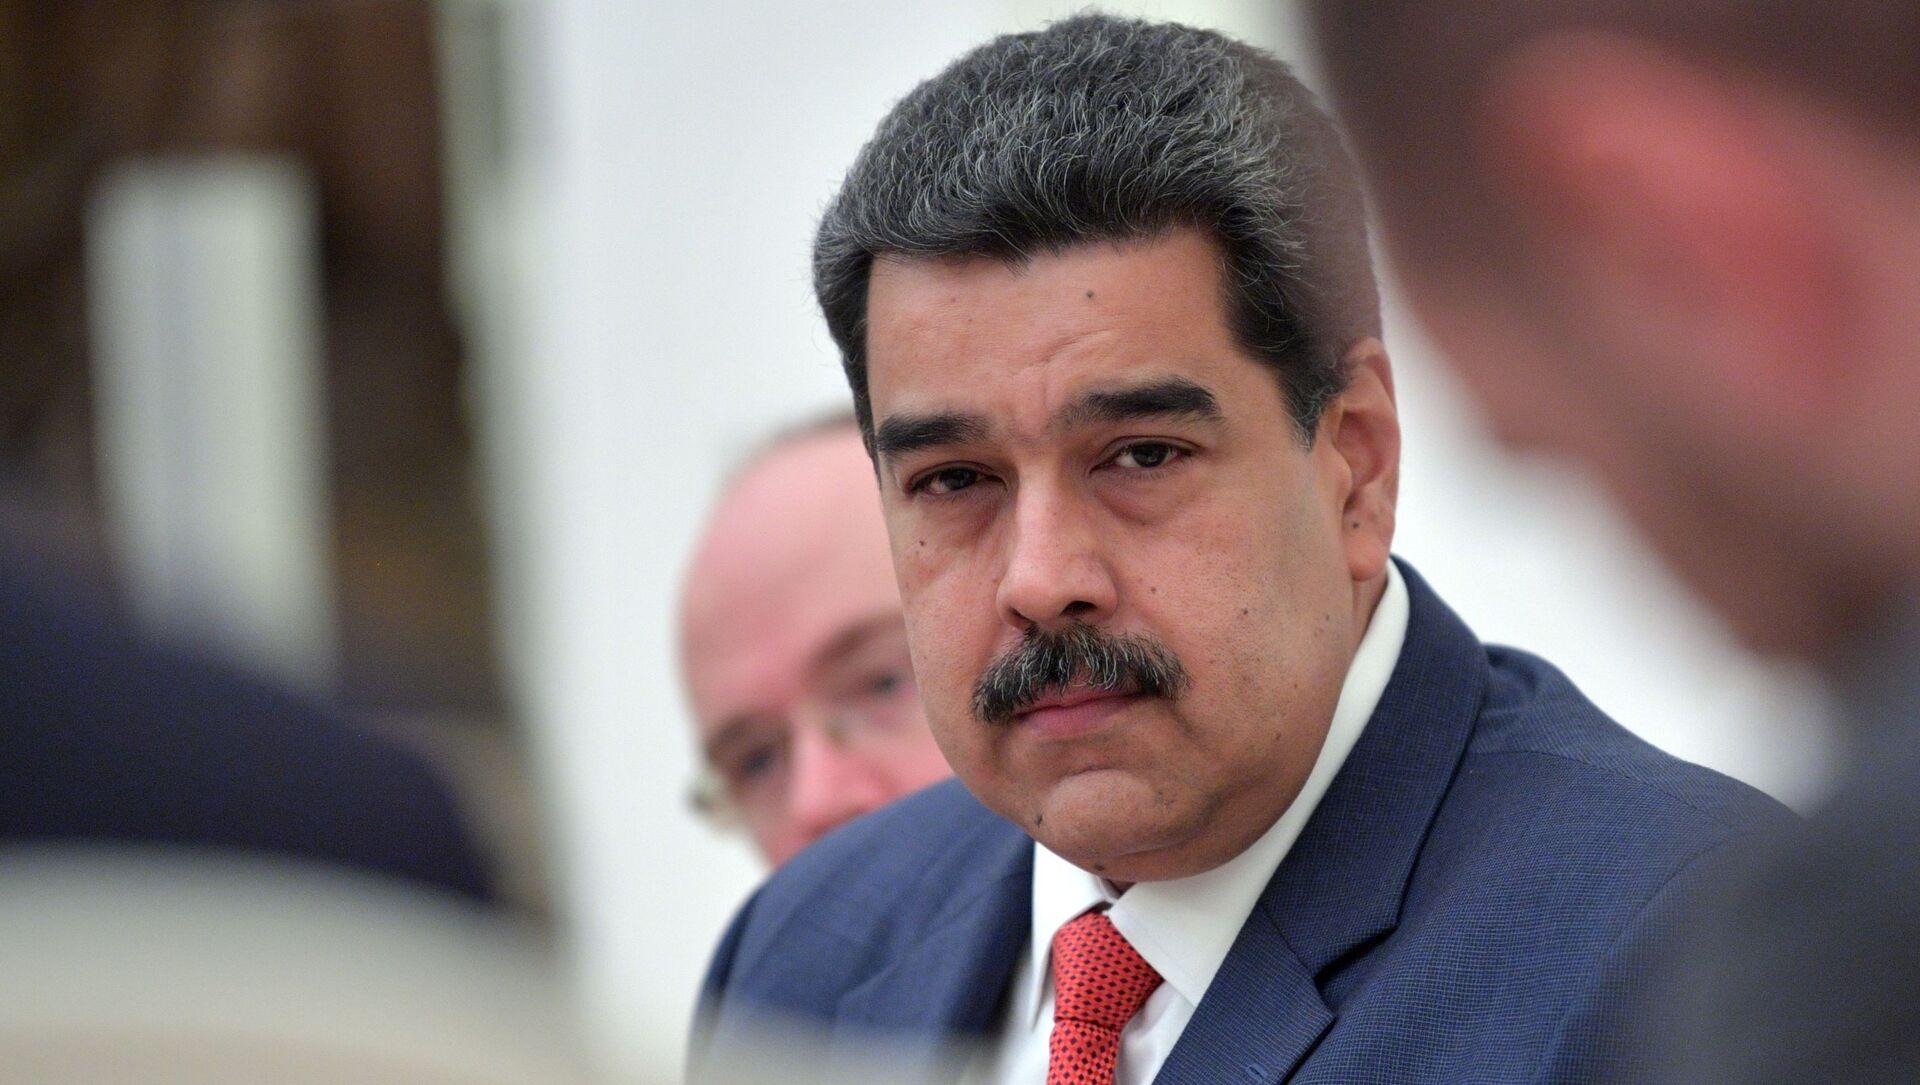 Venezuelan President Nicolas Maduro. File photo. - Sputnik Italia, 1920, 27.03.2021